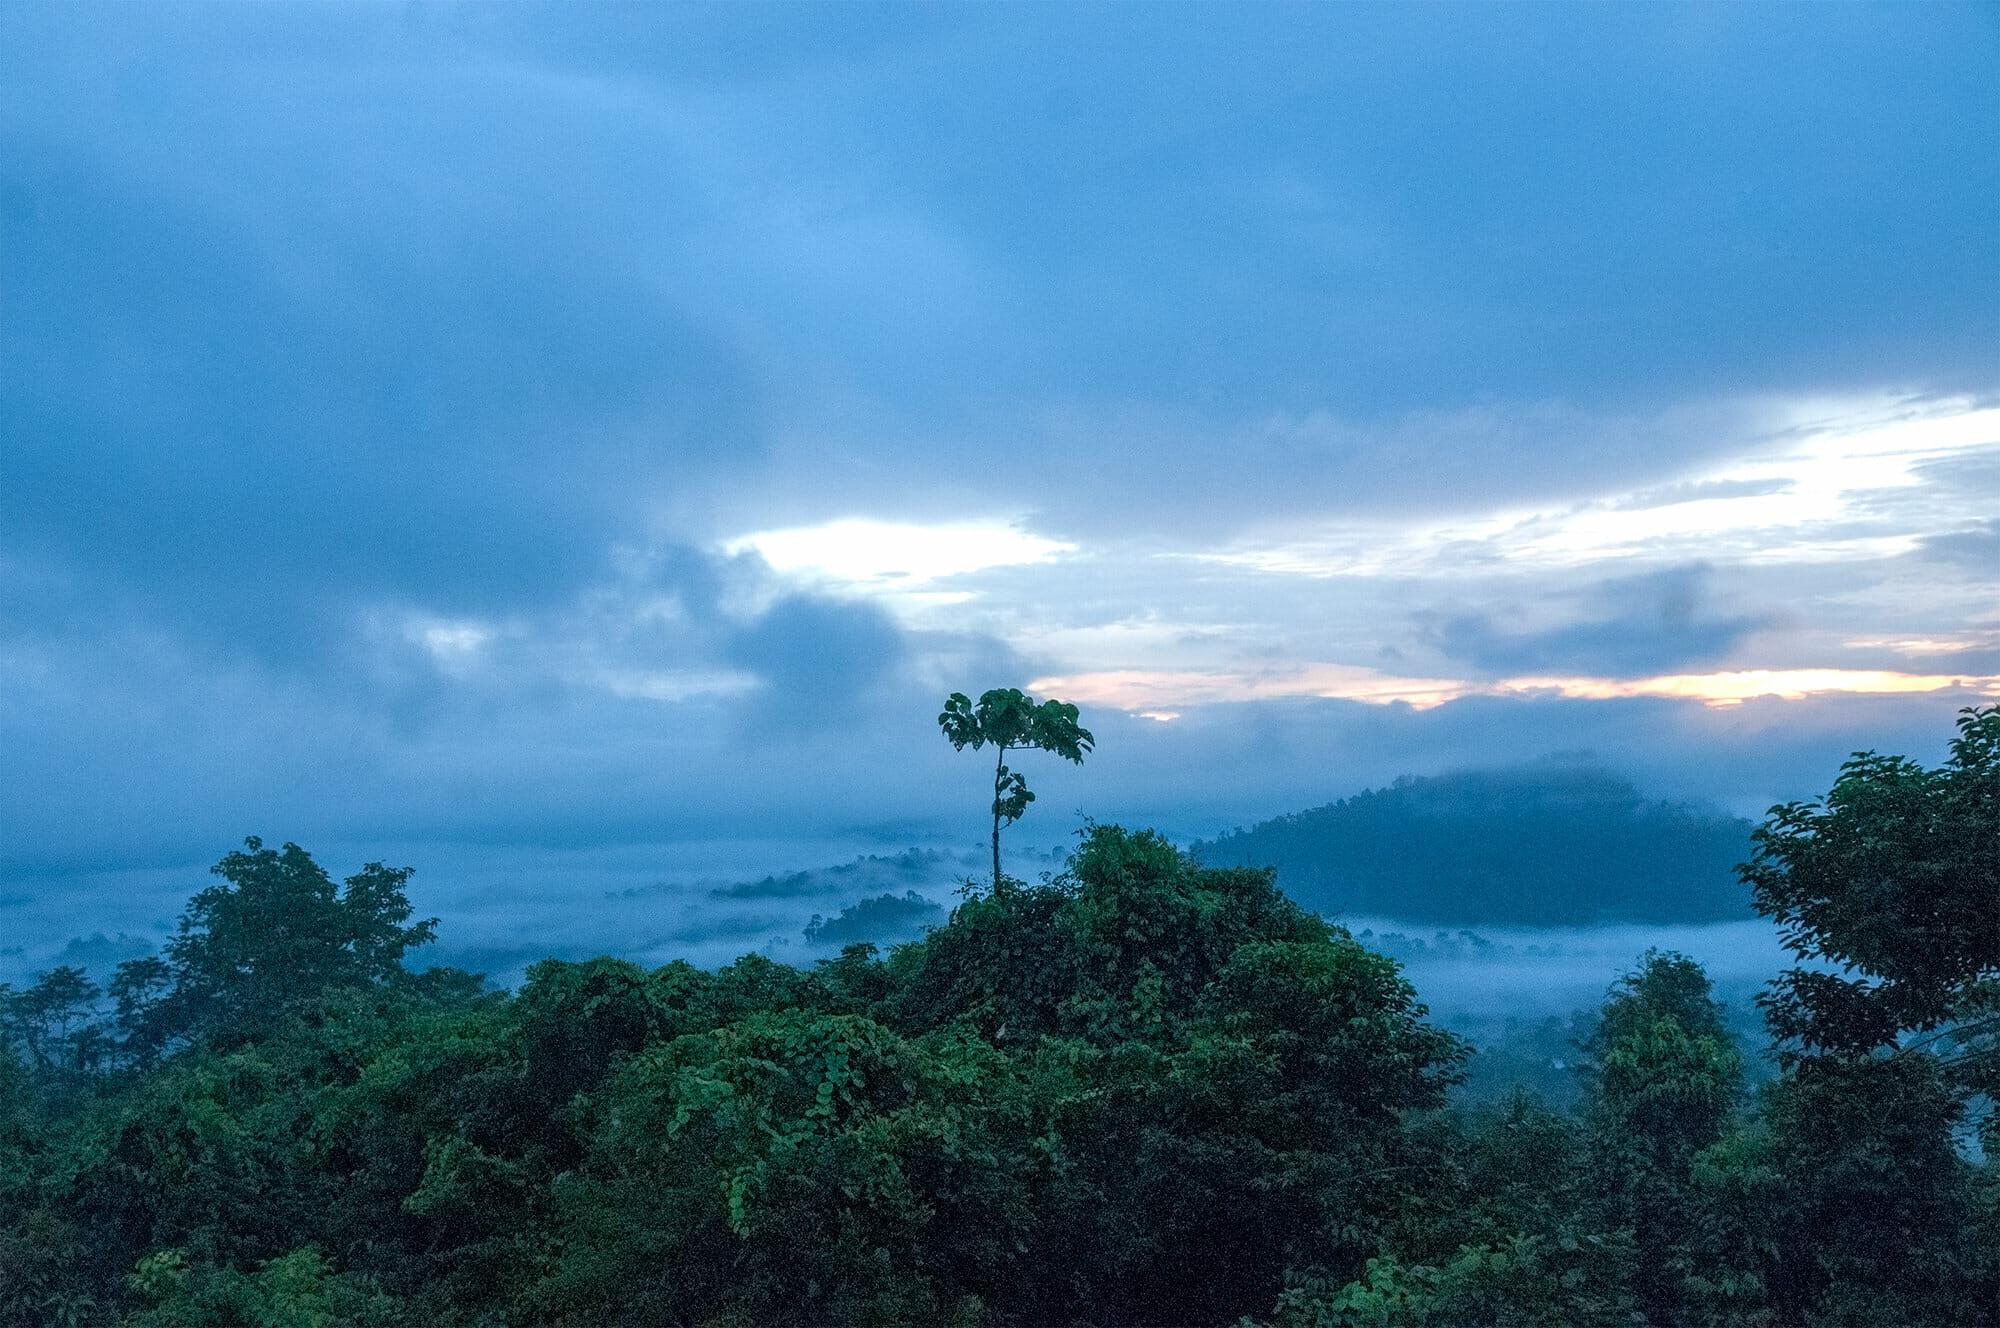 Cloudy sunrise at Danum Valley, Borneo